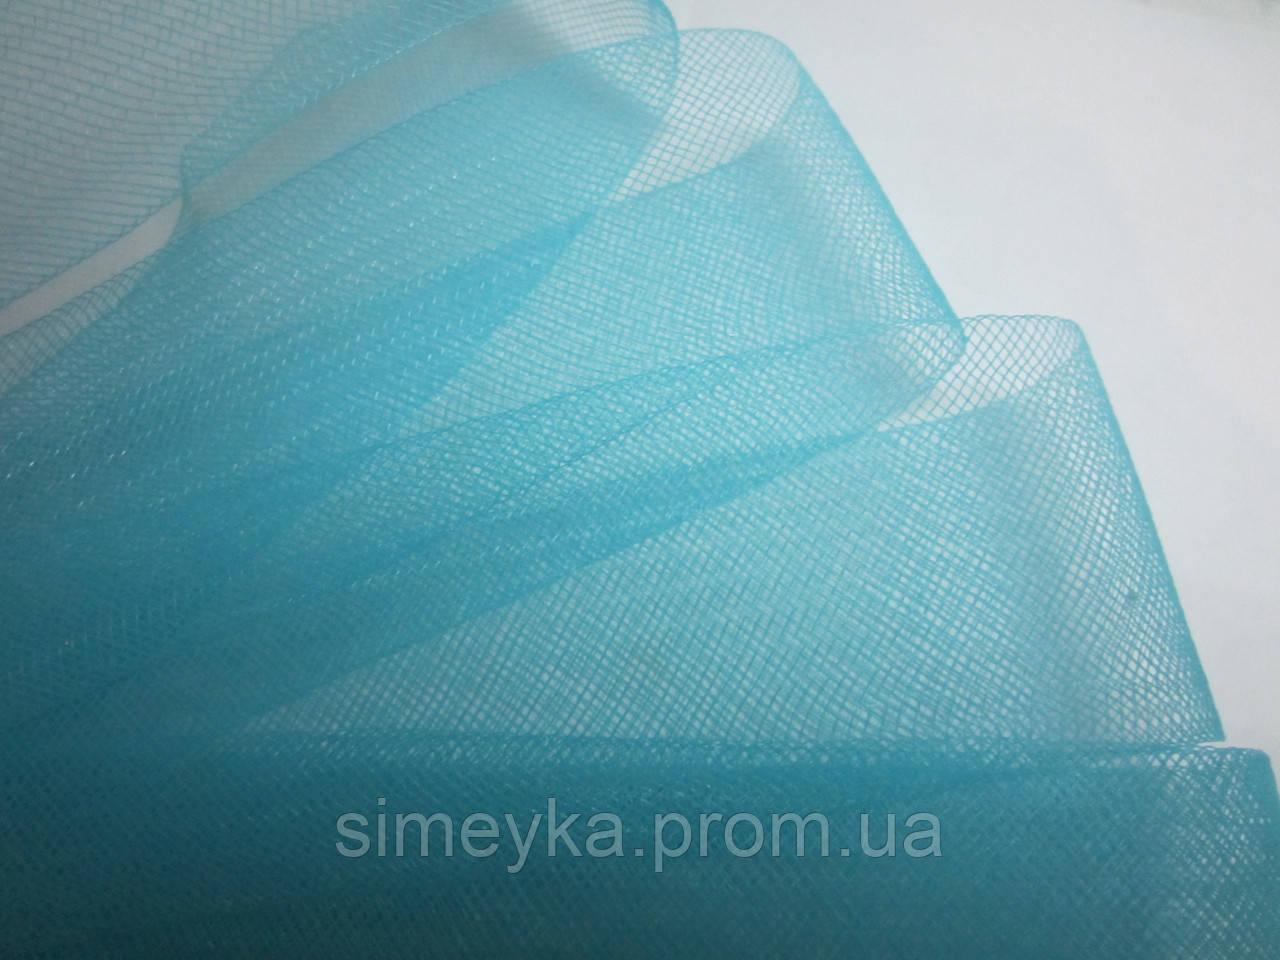 Регилин мягкий (кренолин) плоский 5 см бирюзовый (голубой)